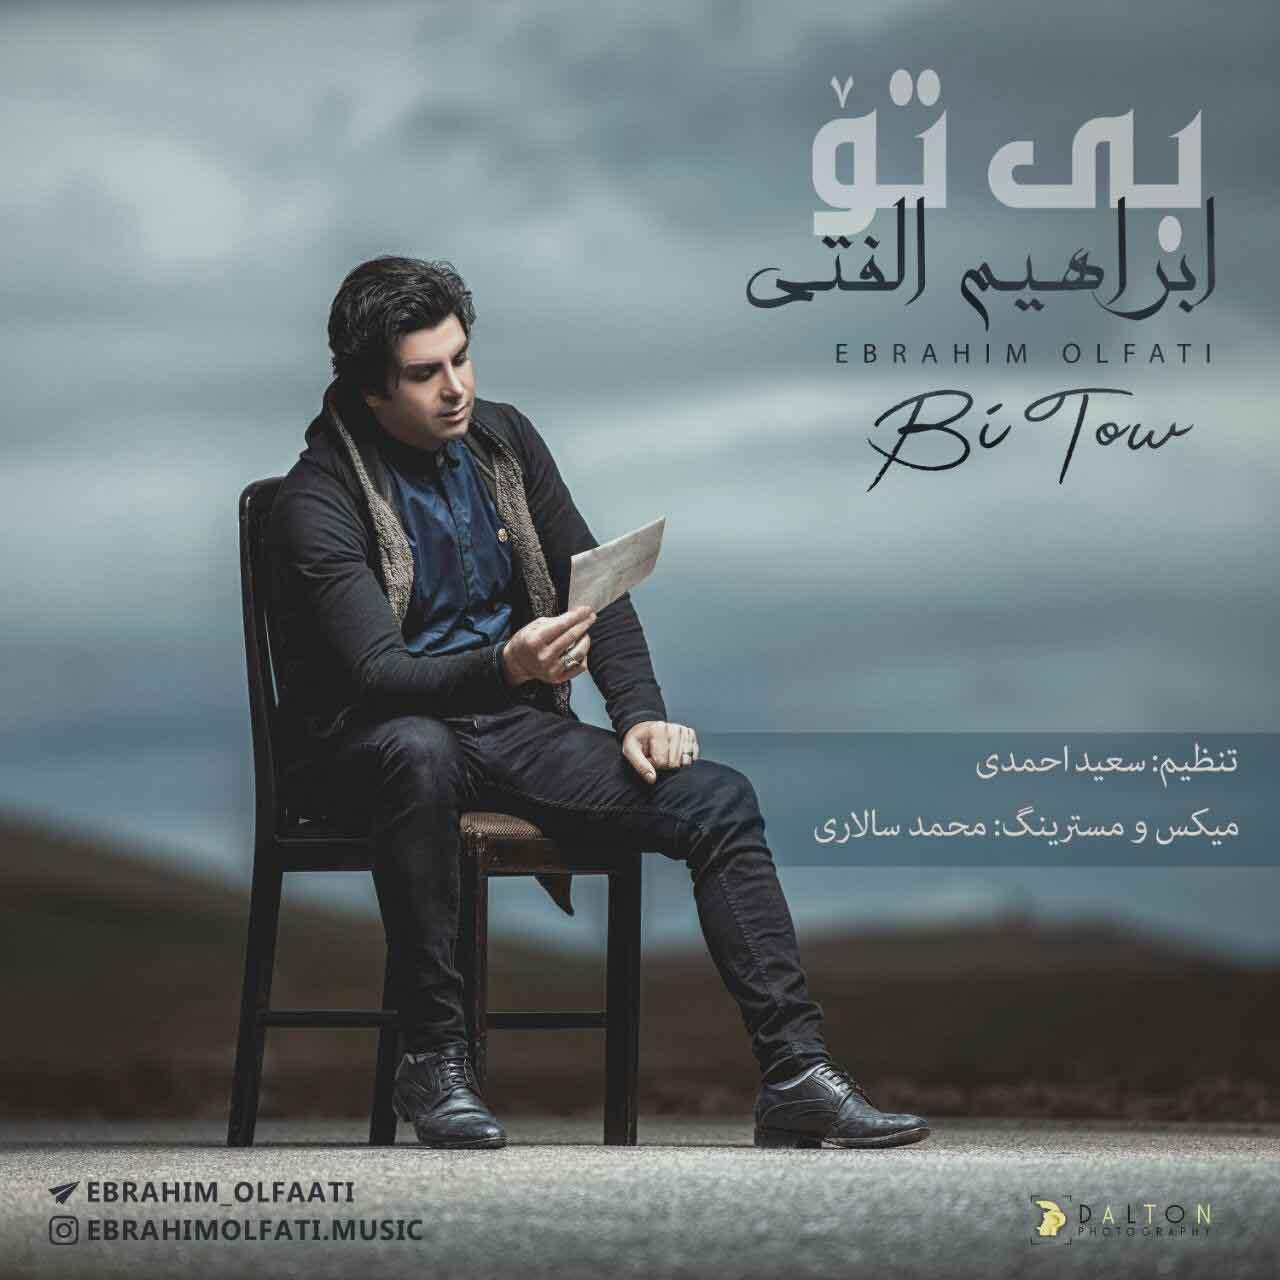 دانلود آهنگ جدید ابراهیم الفتی به نام بی تو